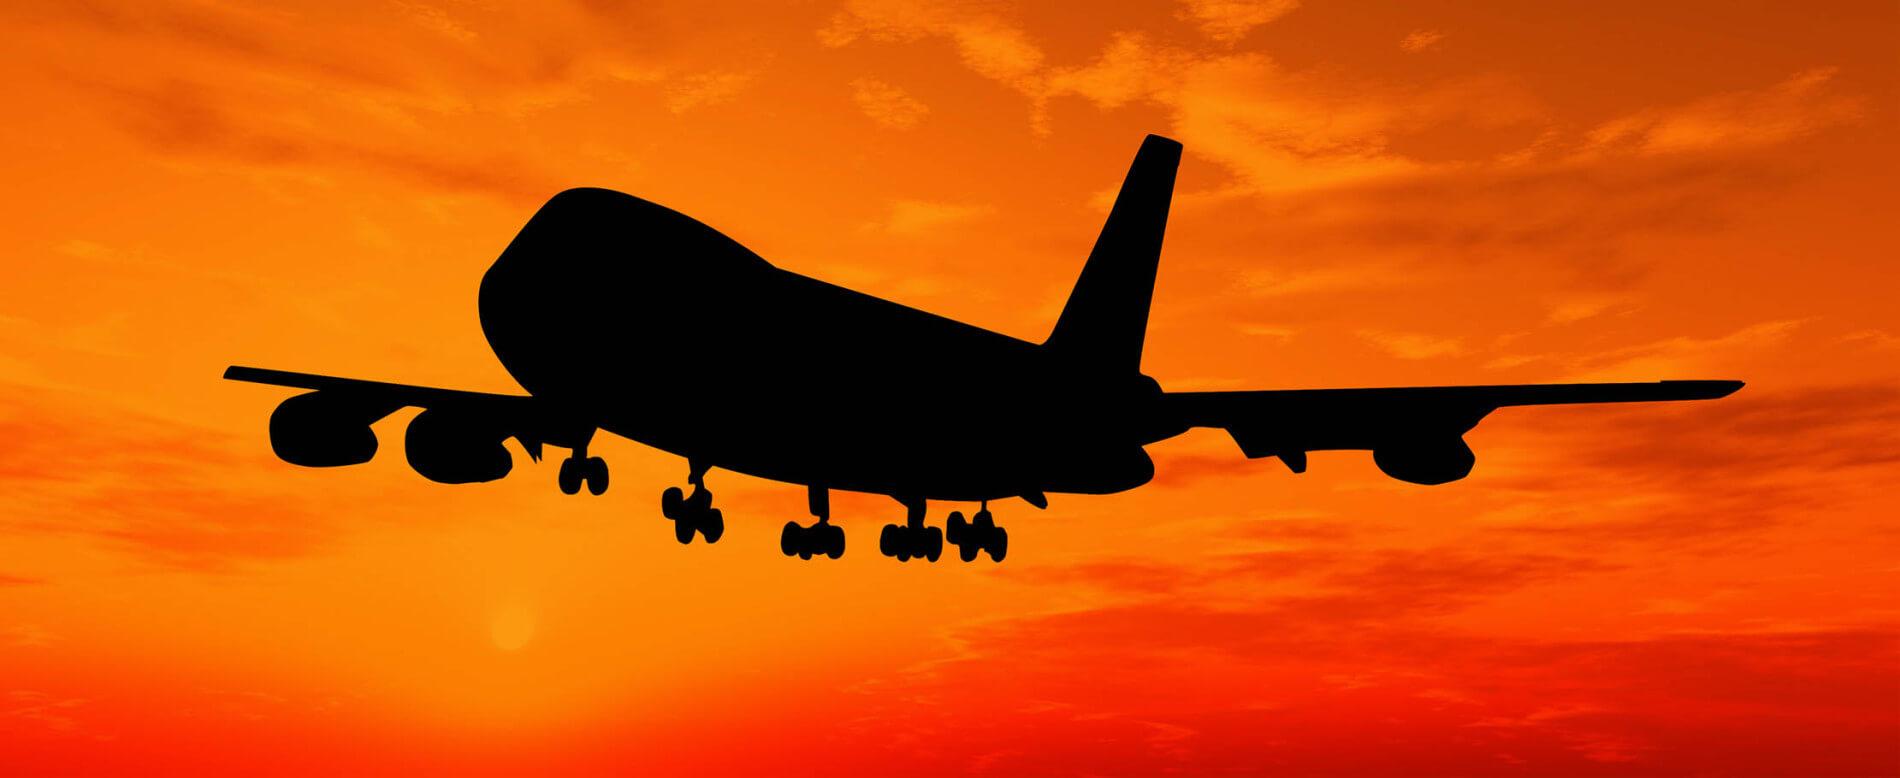 Transfer aeroporti